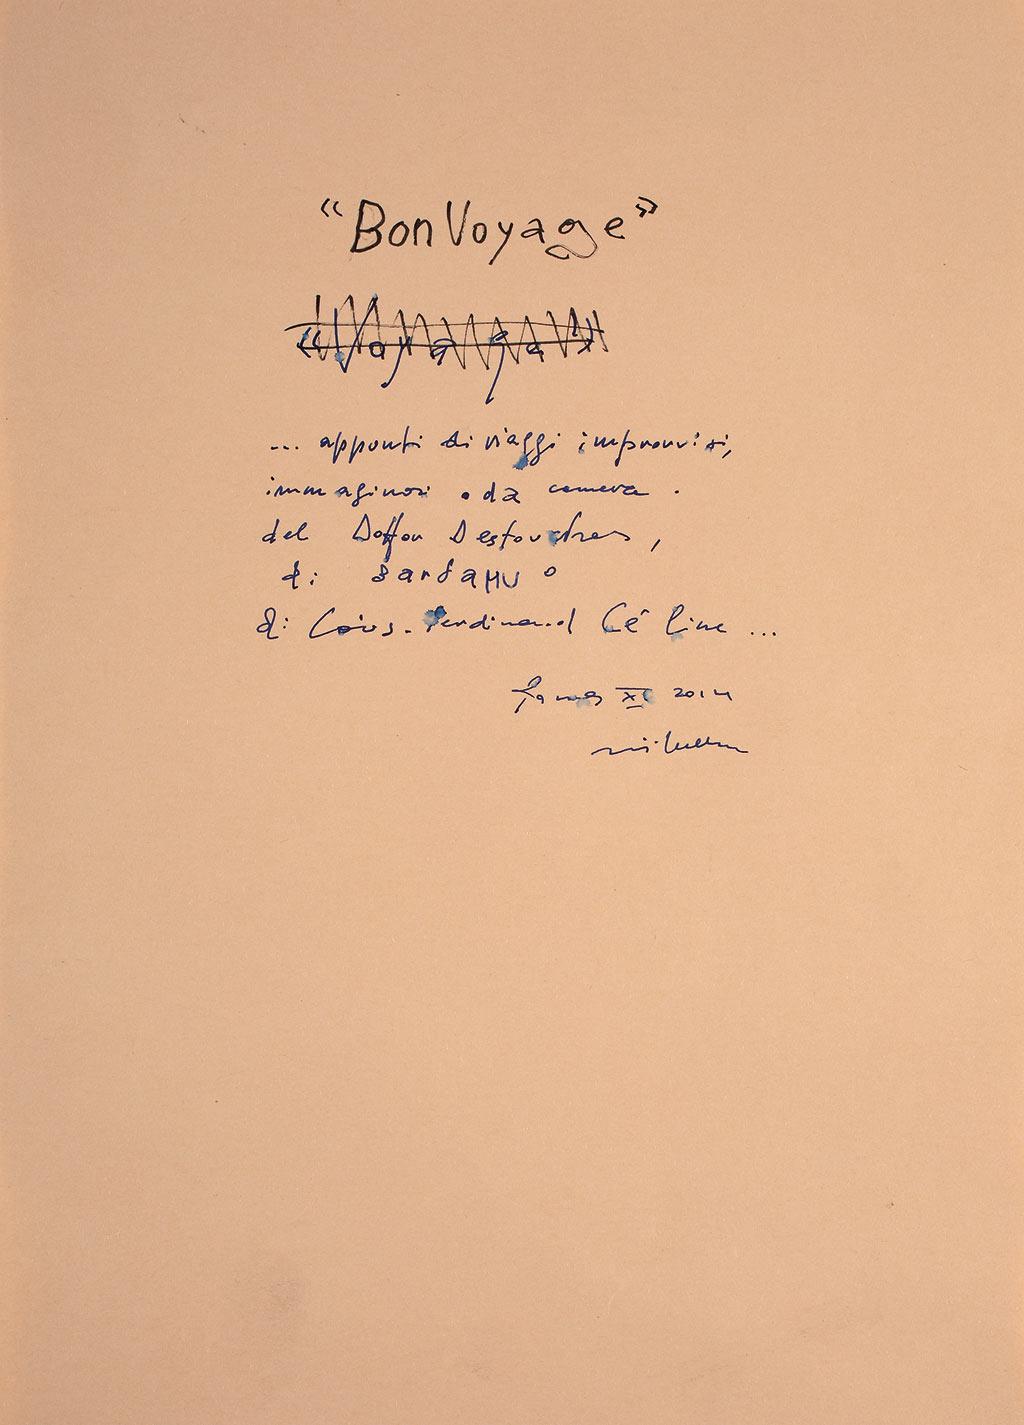 BON VOYAGE… VIAGGIO IMMAGINARIO DEL DOTTOR DESTOUCHES, BARDAMU, L.F. CÉLINE